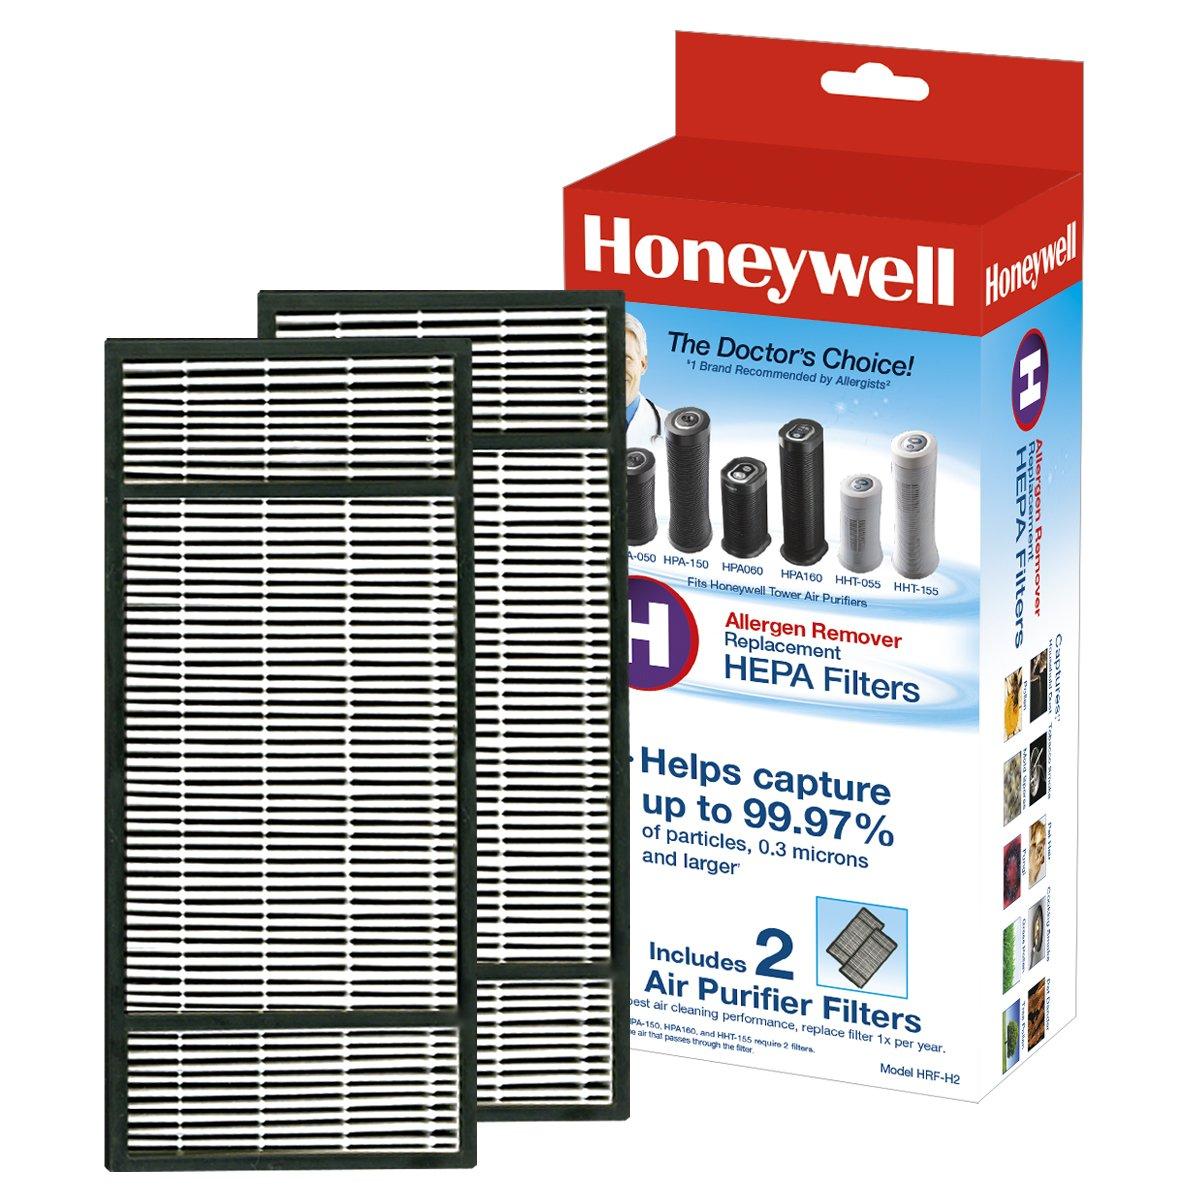 Honeywell True HEPA Air Purifier Replacement Filter 2 Pack HRF-H2 / Filter (H)